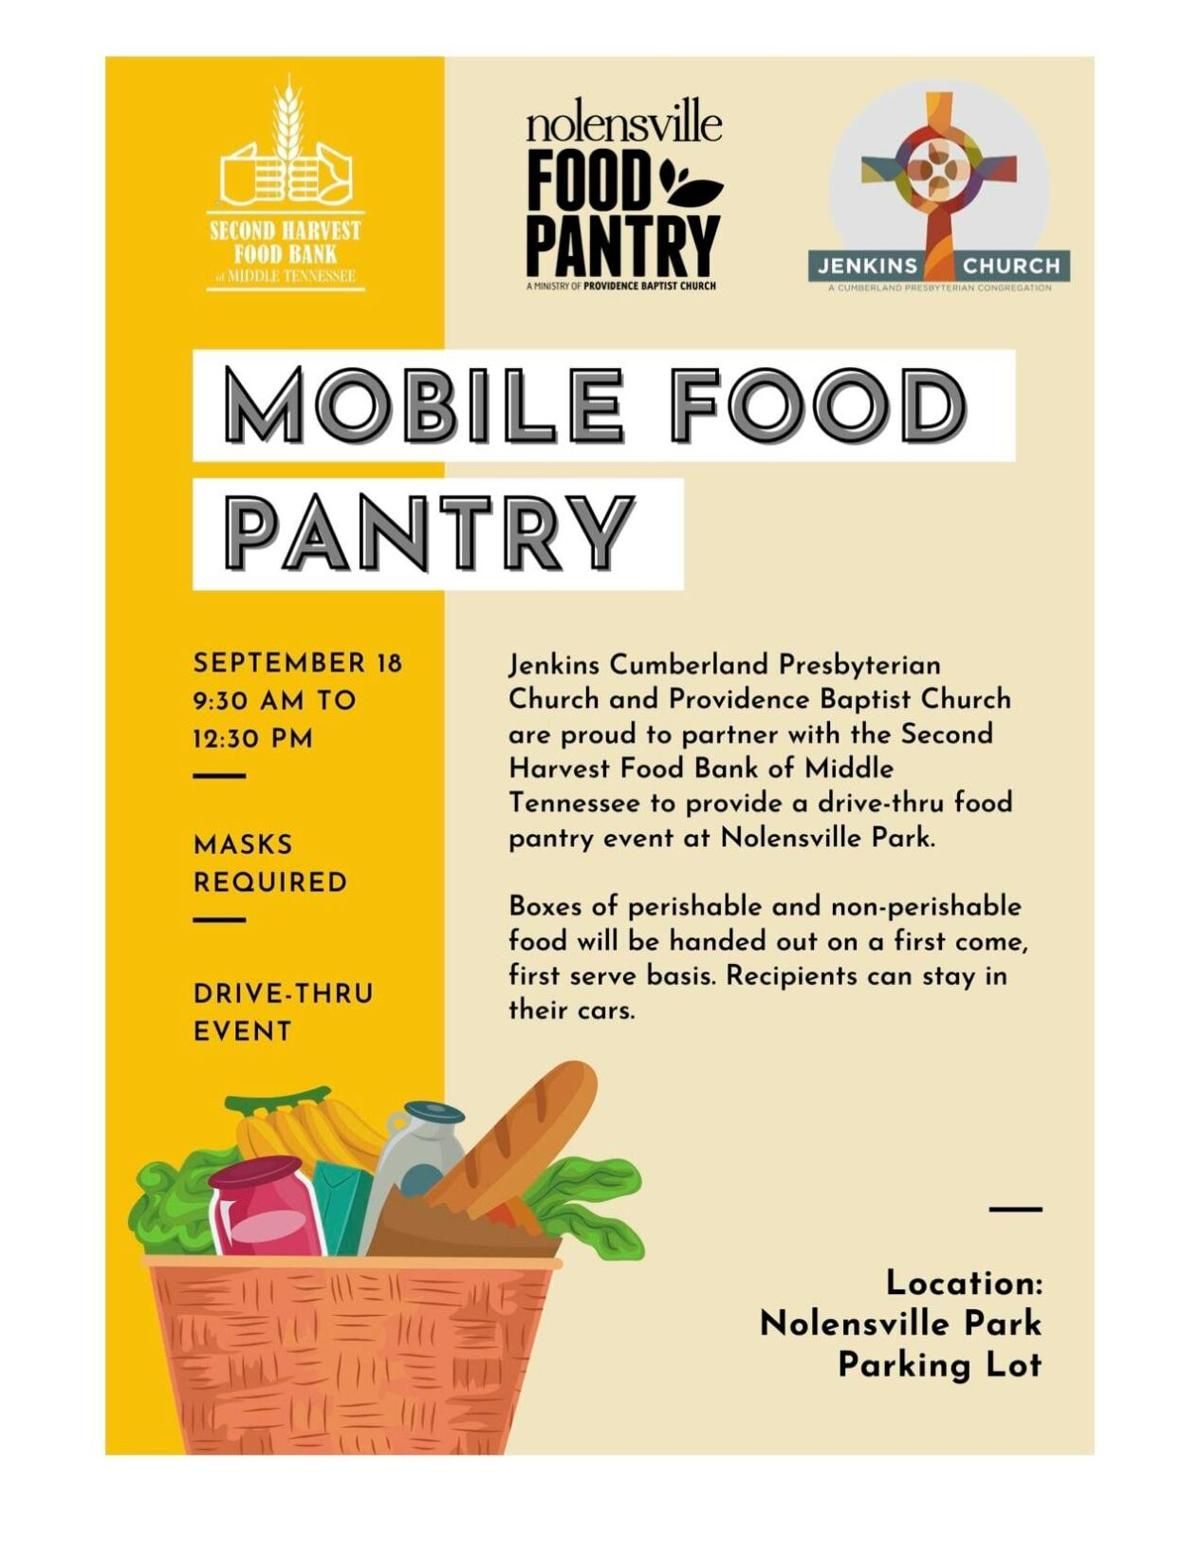 Nolensville Mobile Food Pantry Sept 2020 1